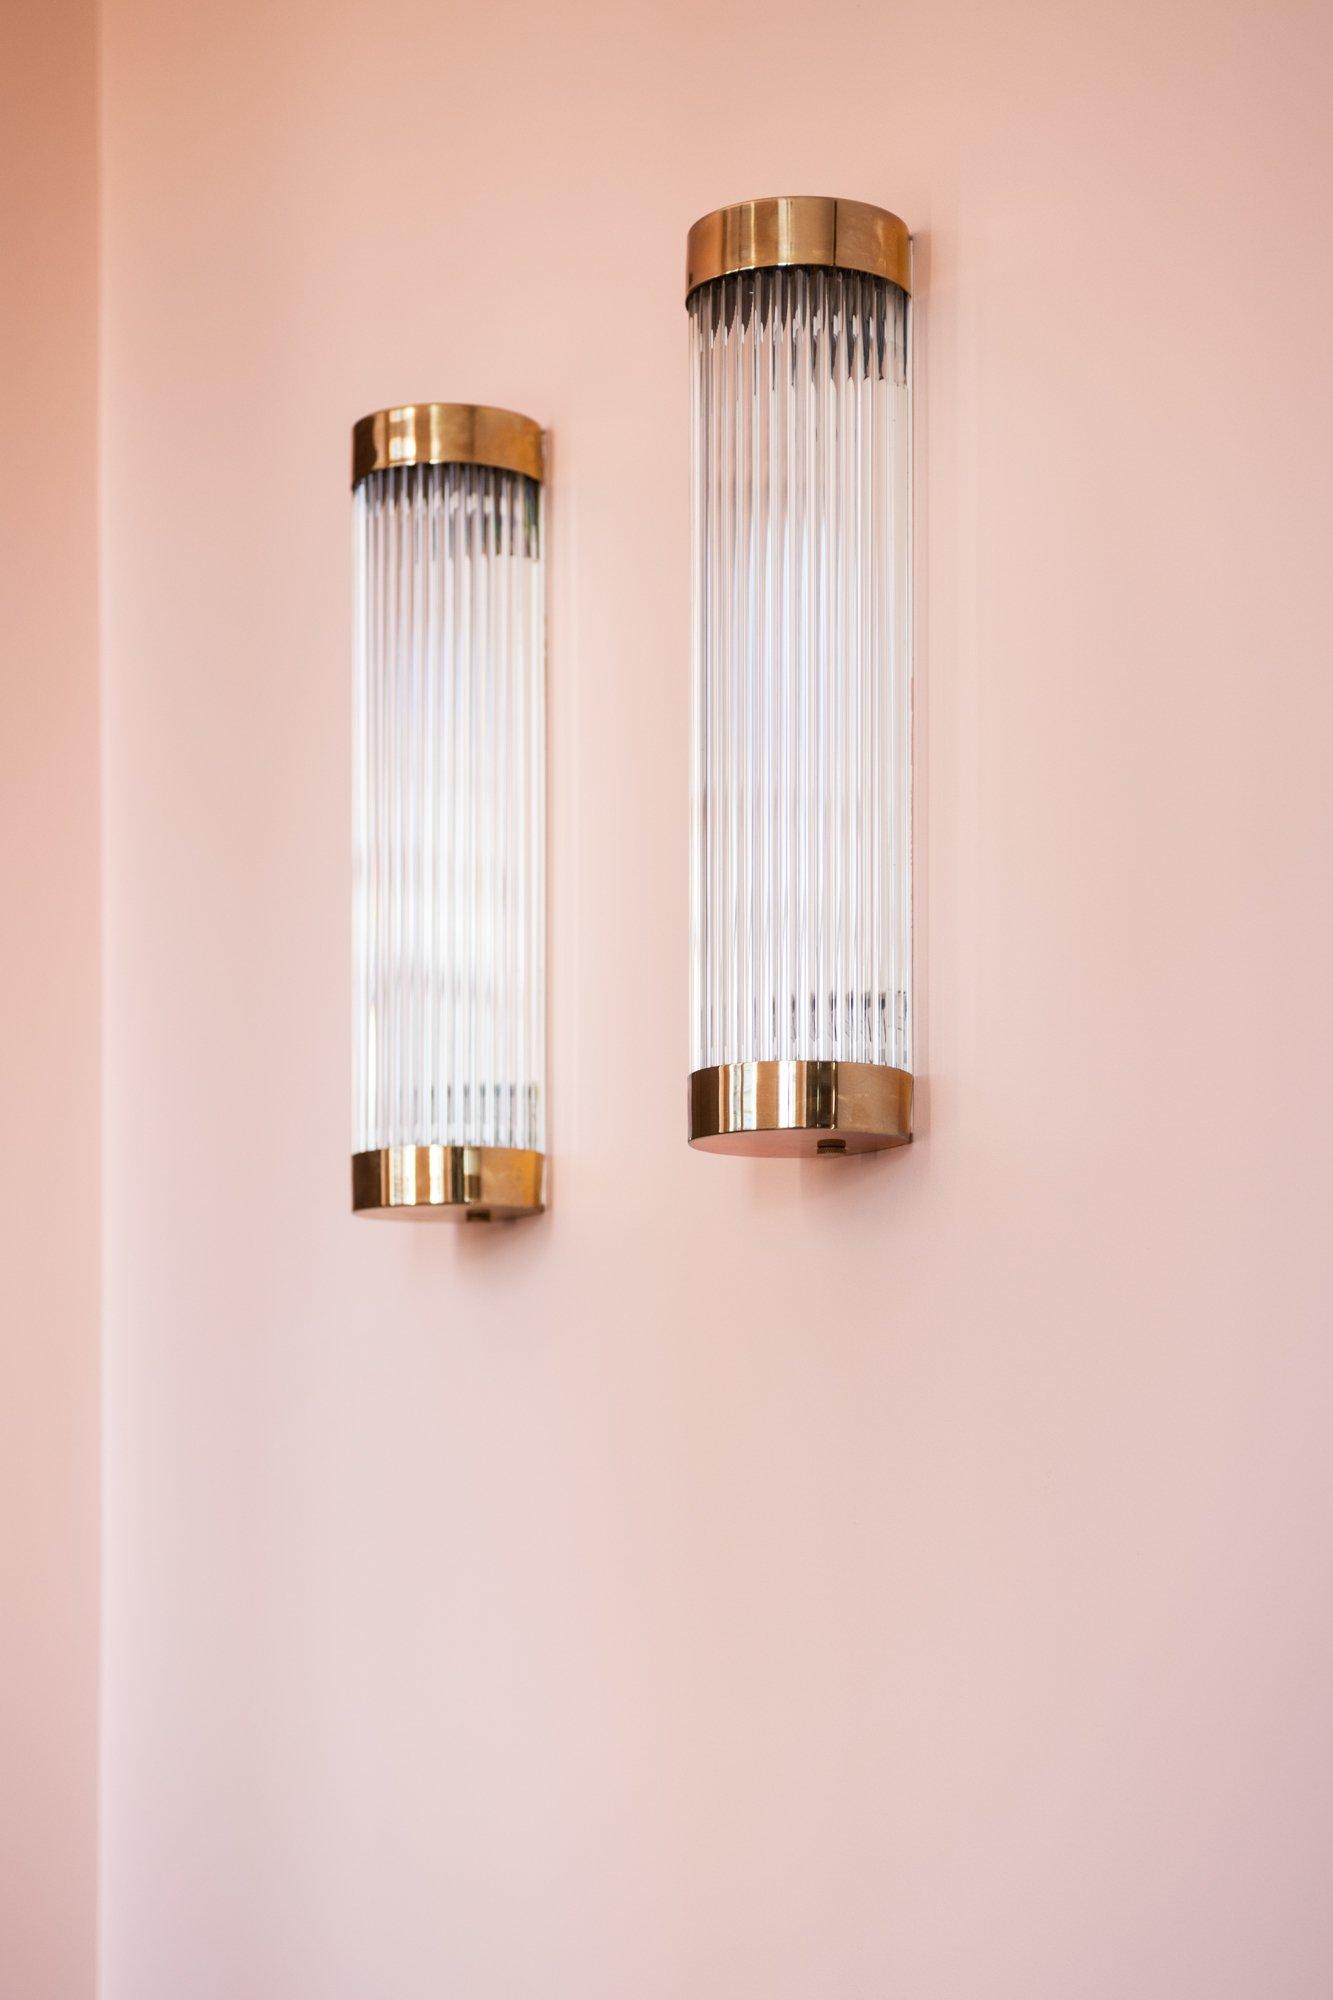 Salon Luminaire Appartement Neuilly-sur-Seine Ornella Abouaf